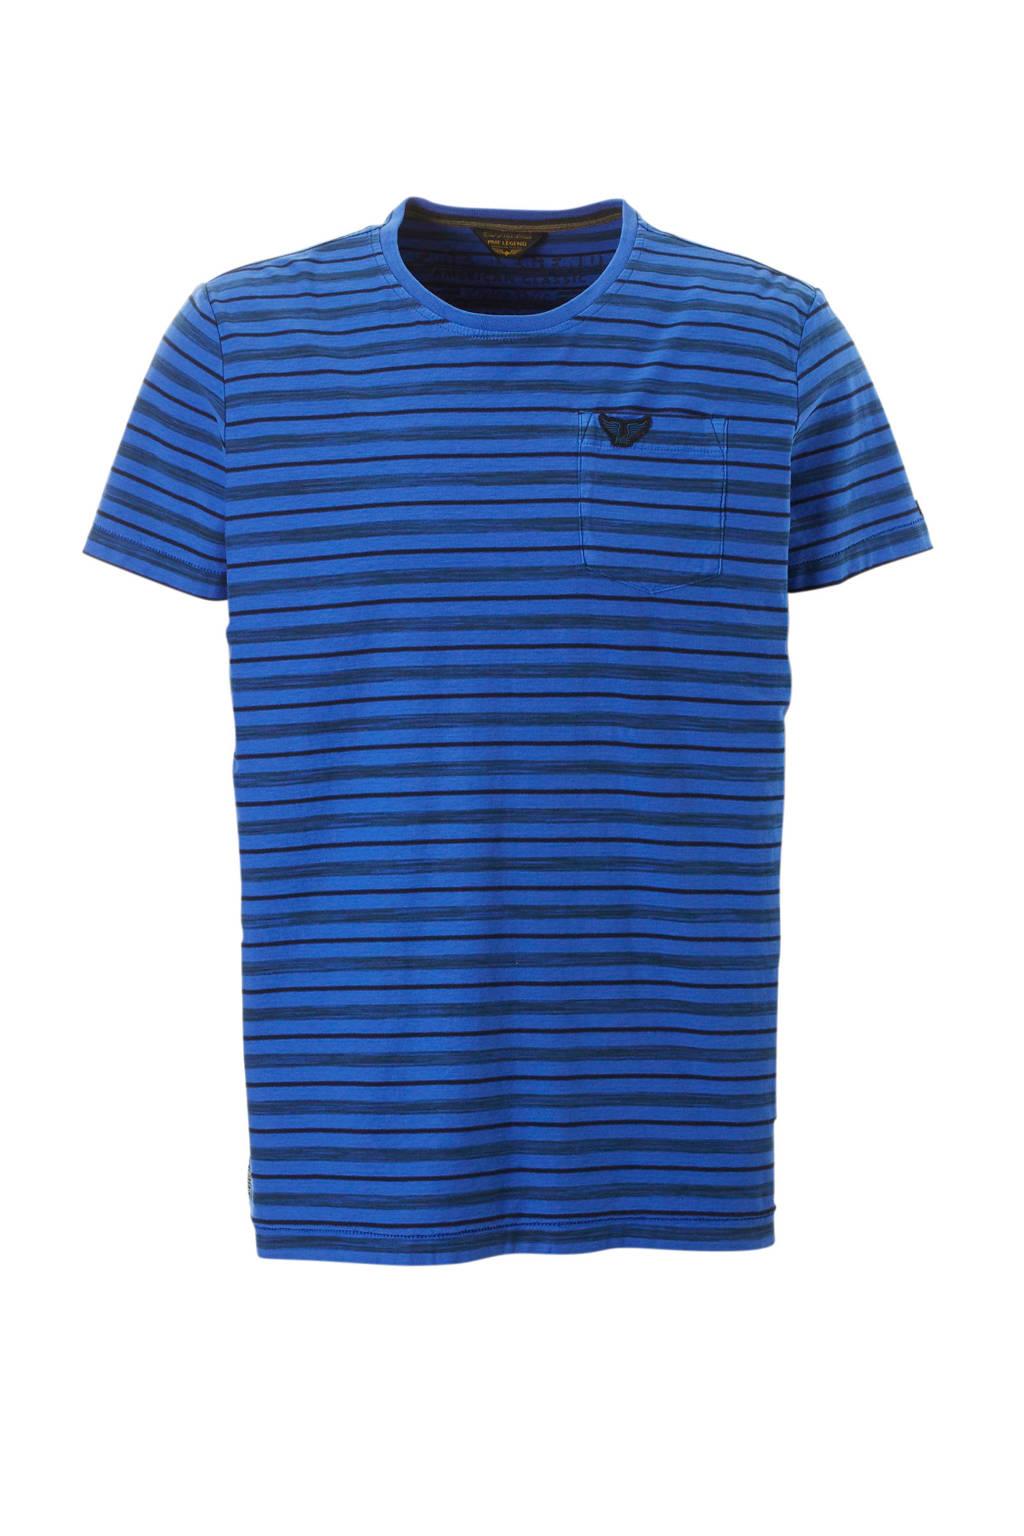 PME Legend gestreept T-shirt blauw, Blauw